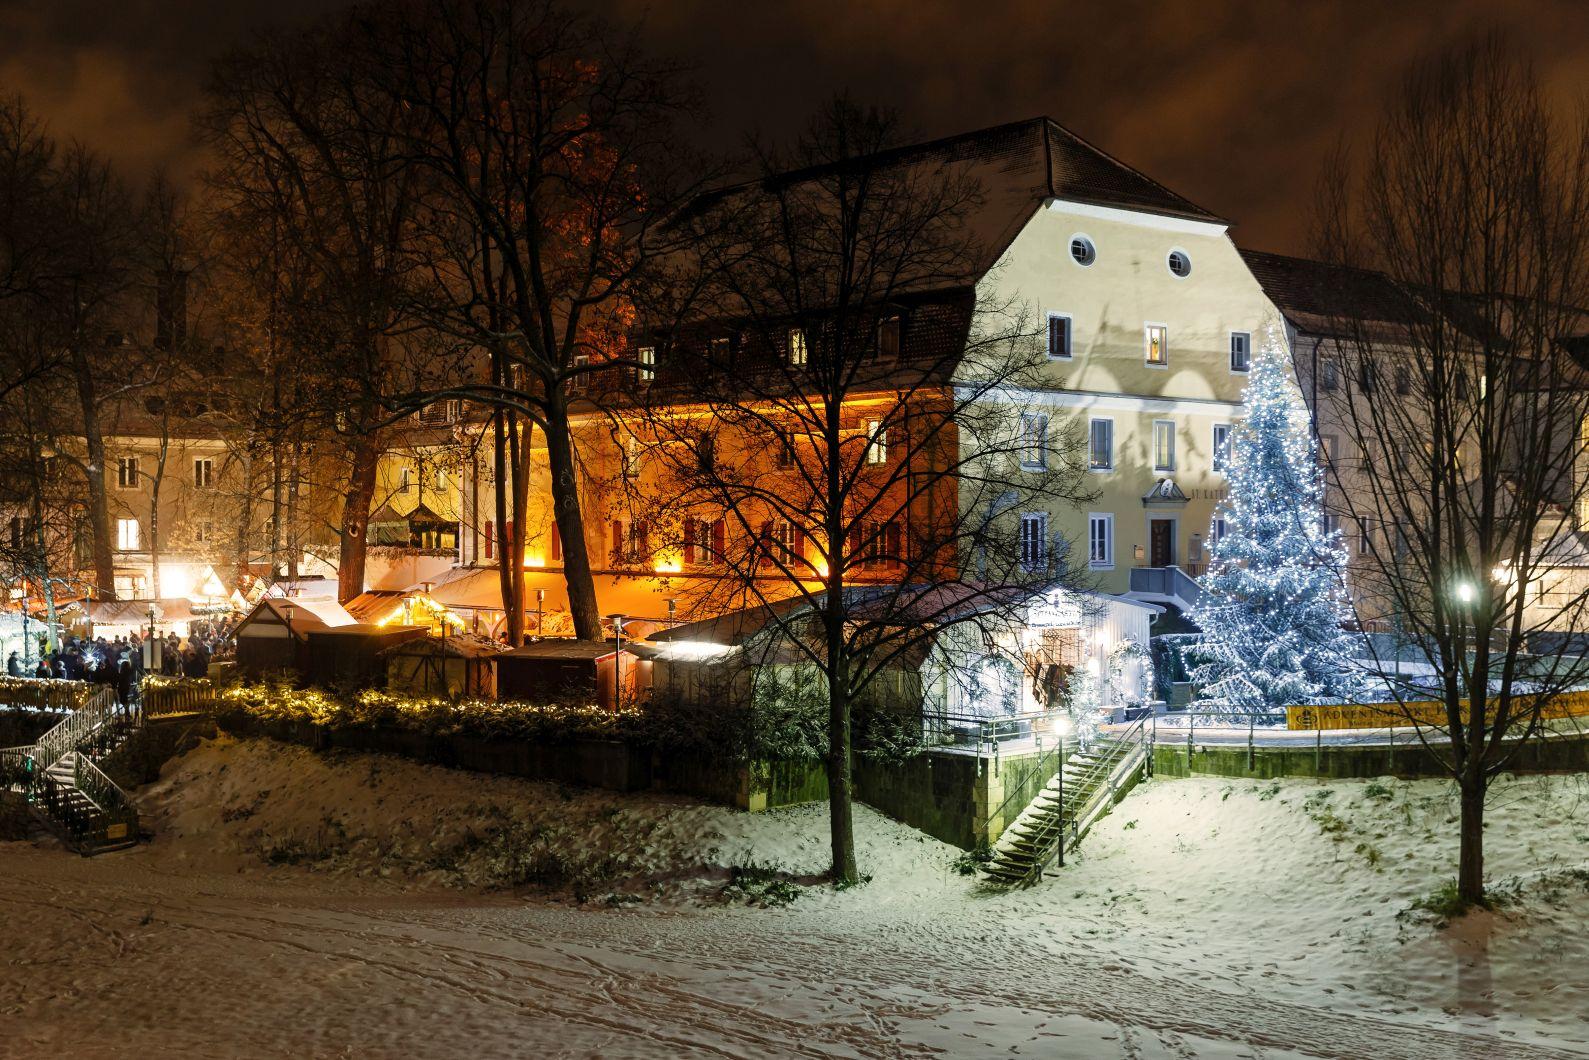 Spital Weihnachtsmarkt Regensburg